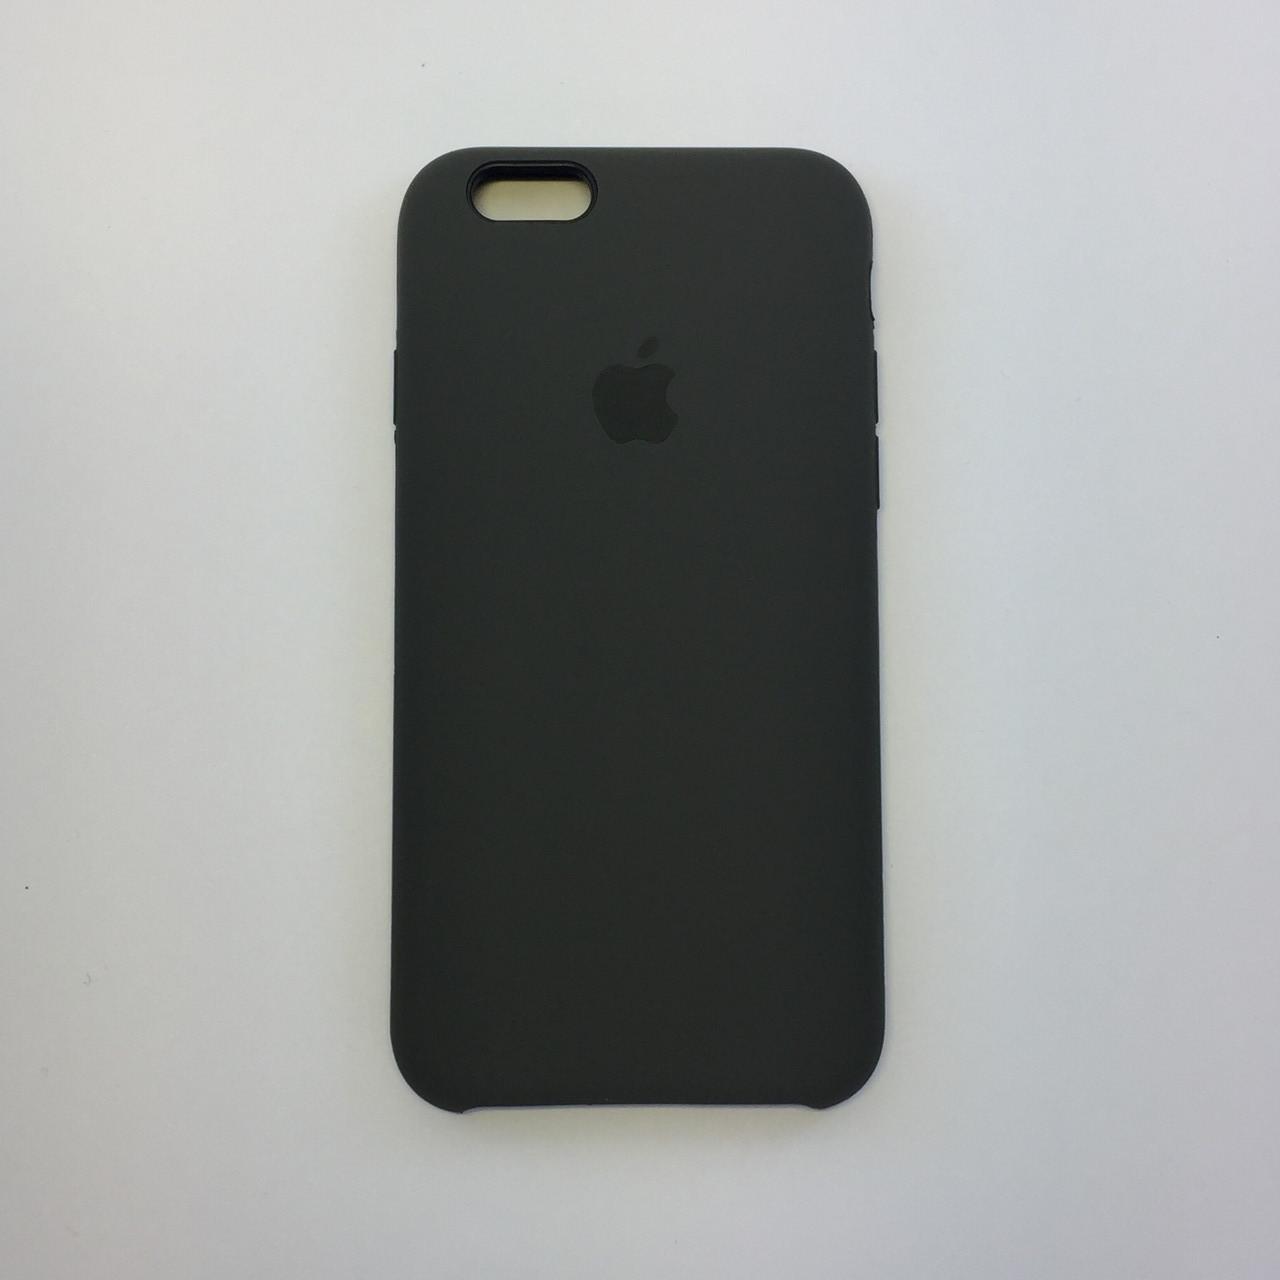 Силиконовый чехол для iPhone 6/6s, - «какао» - copy original